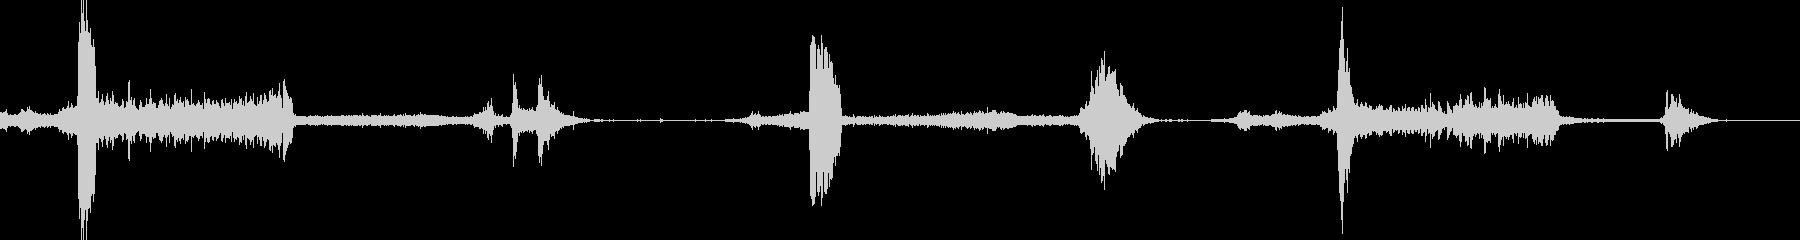 リンカーン回転とタイヤバーンアウトの未再生の波形